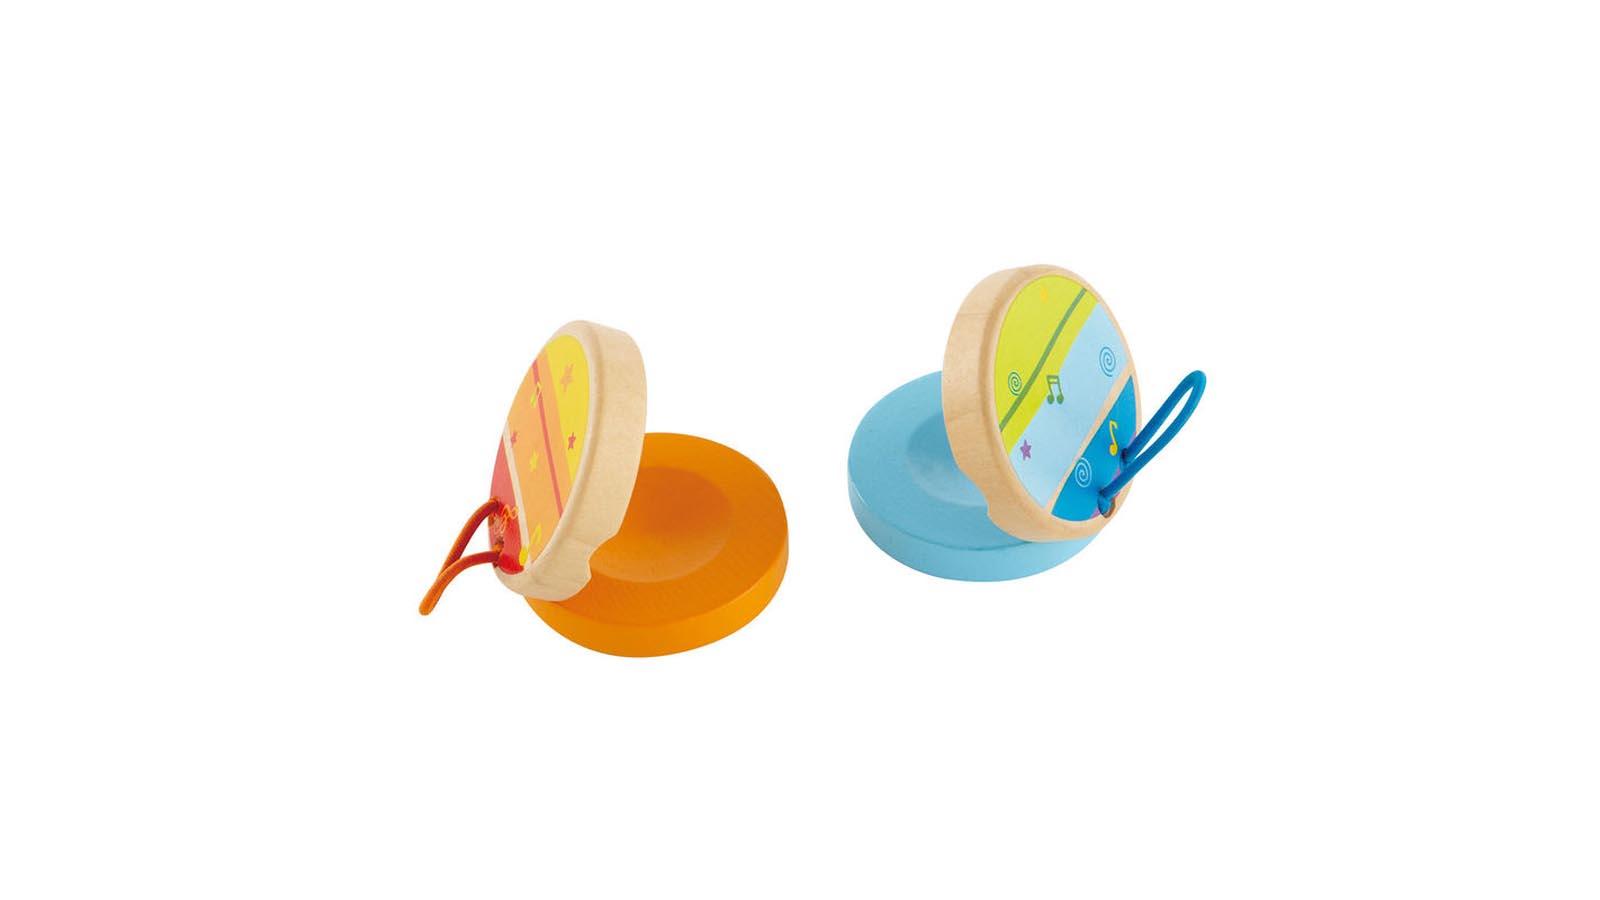 Hape Spielzeug Klicker-Klacker-Kastagnetten 1 Stück